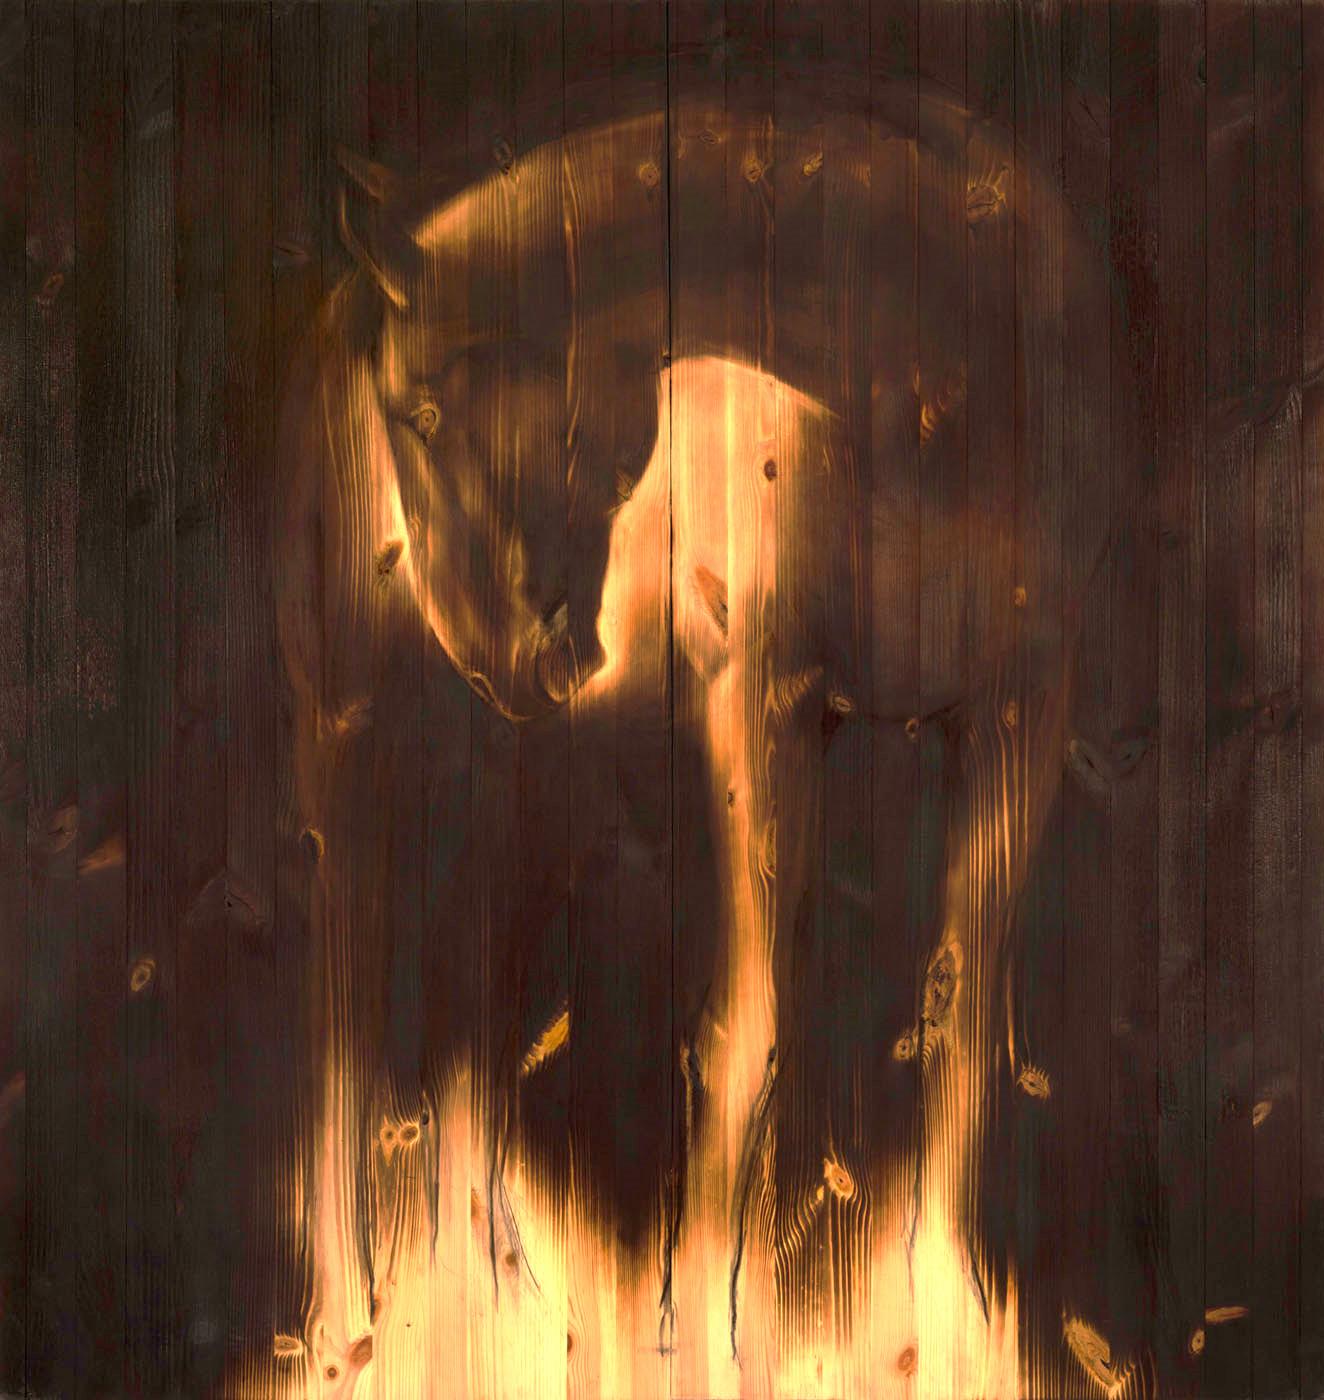 Pyrography